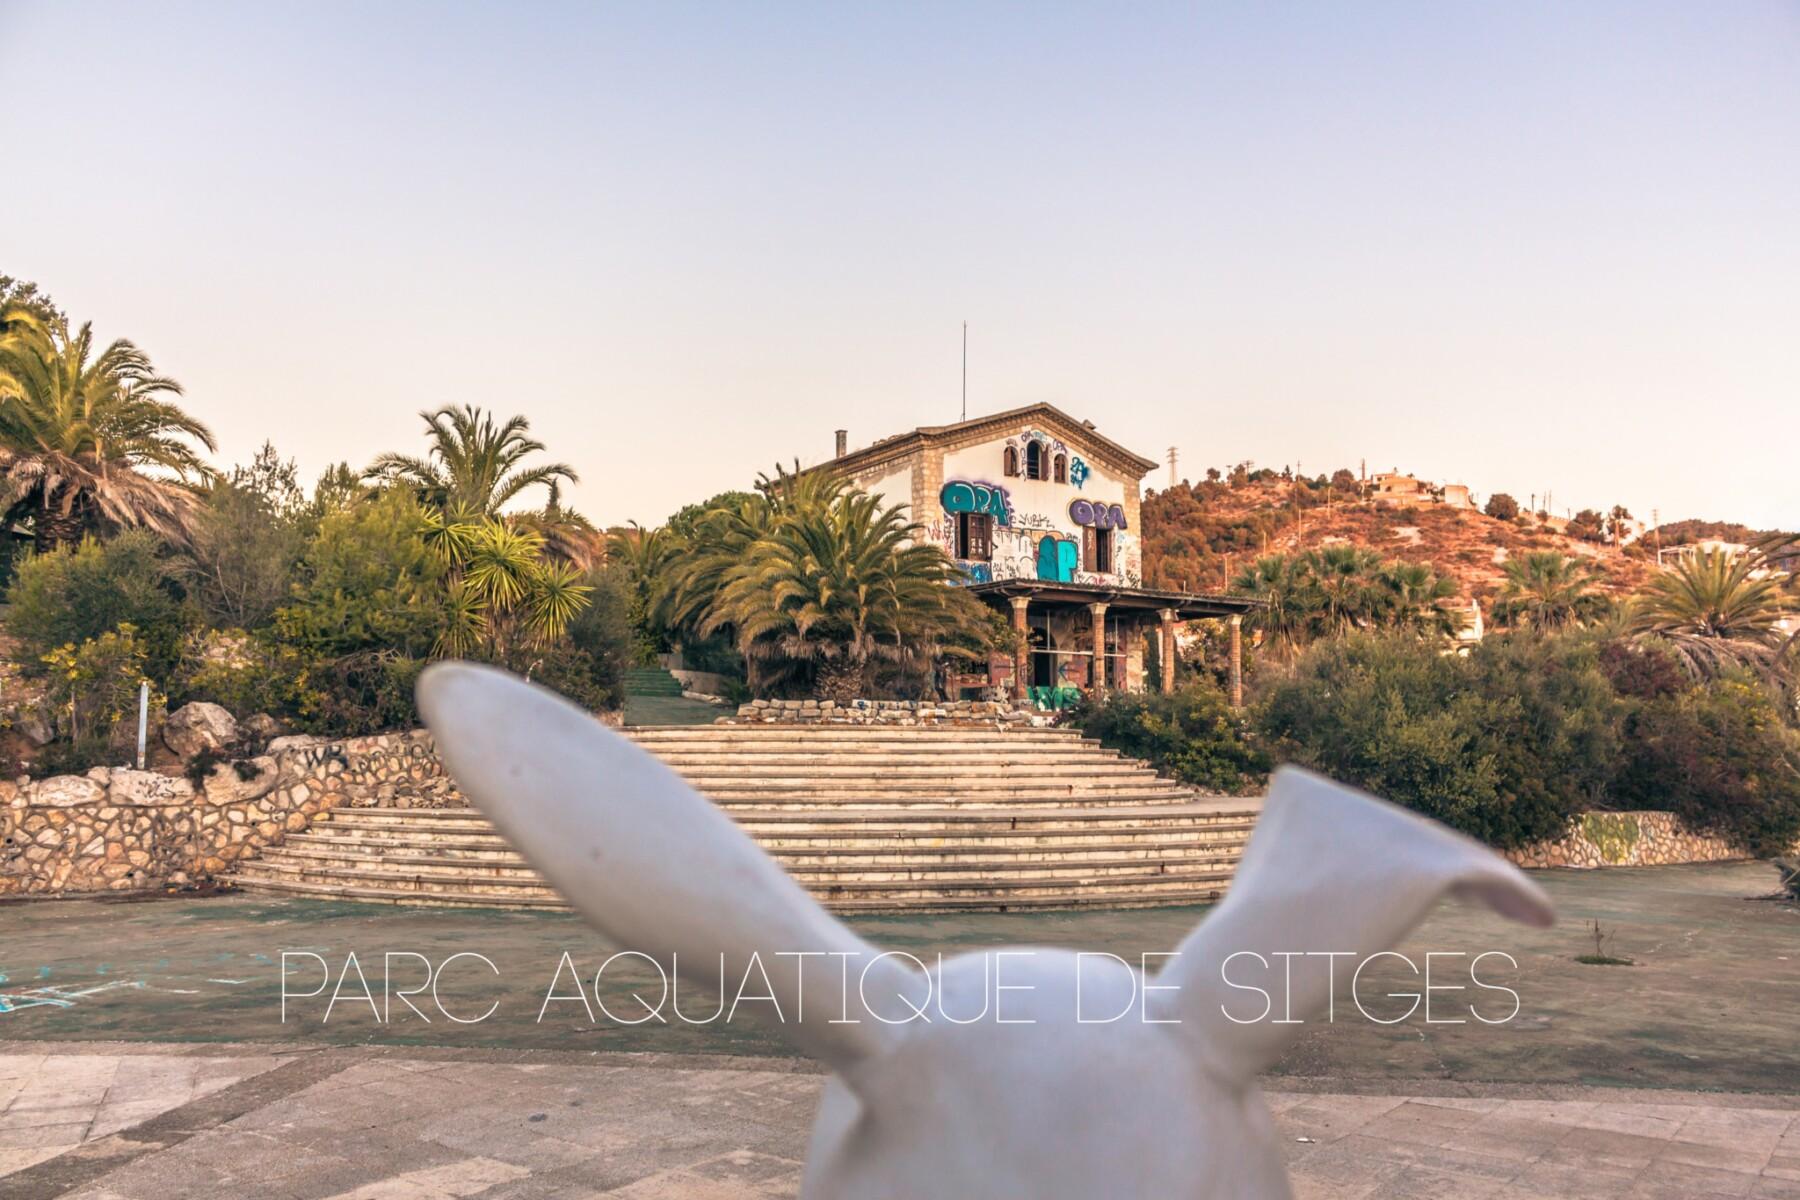 Parc aquatique abandonné en Espagne | urbexsession.com/parc-aquatique-de-sitges | Urbex Espagne